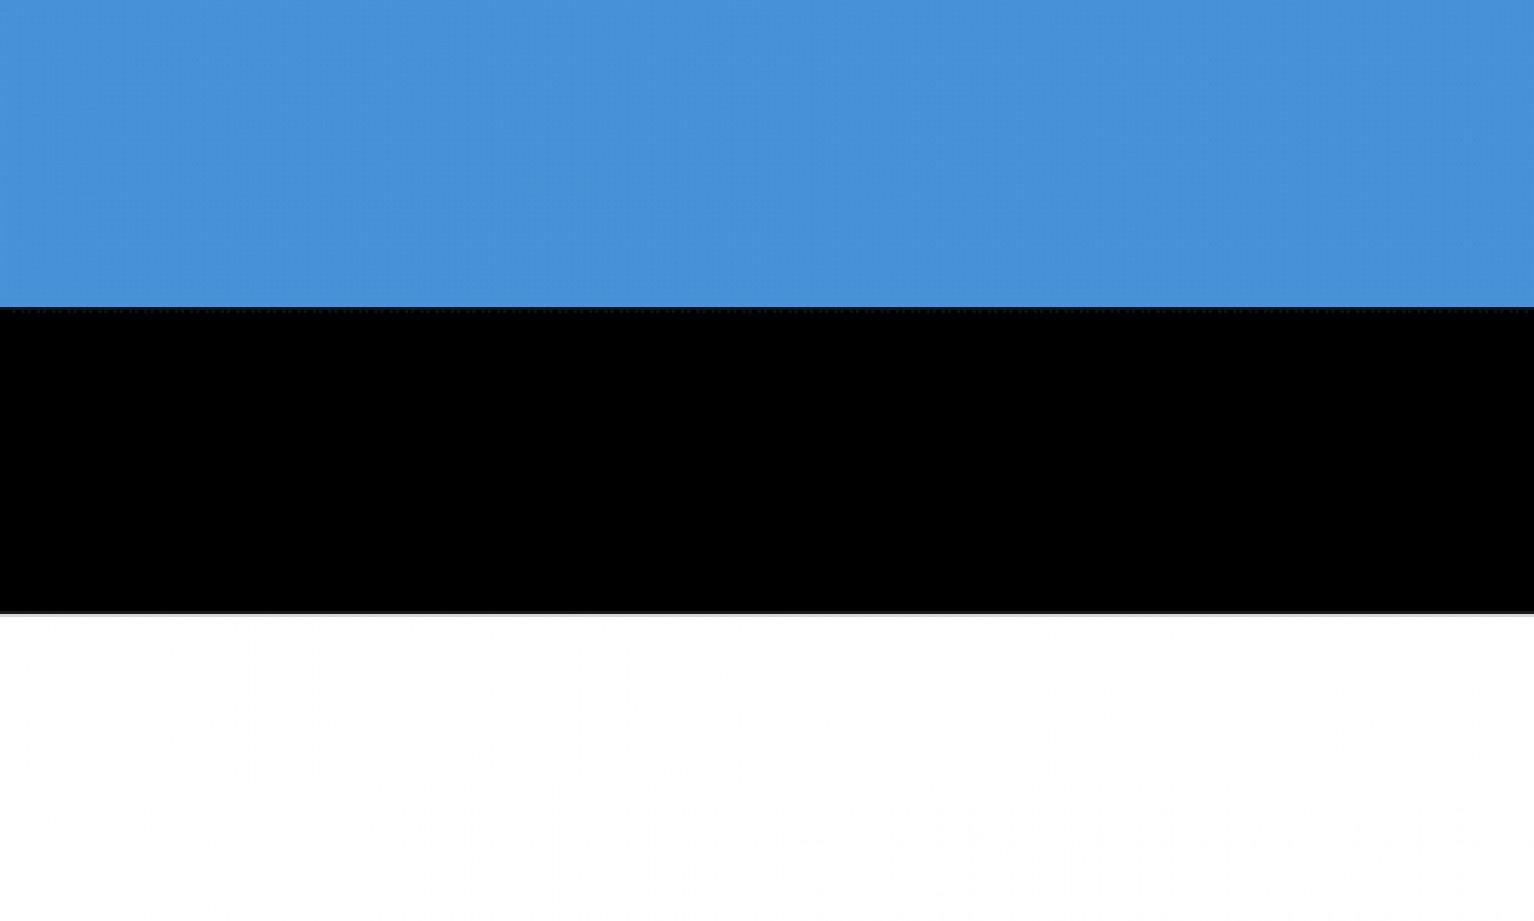 Estonian Peer-to-Peer lending platforms and market